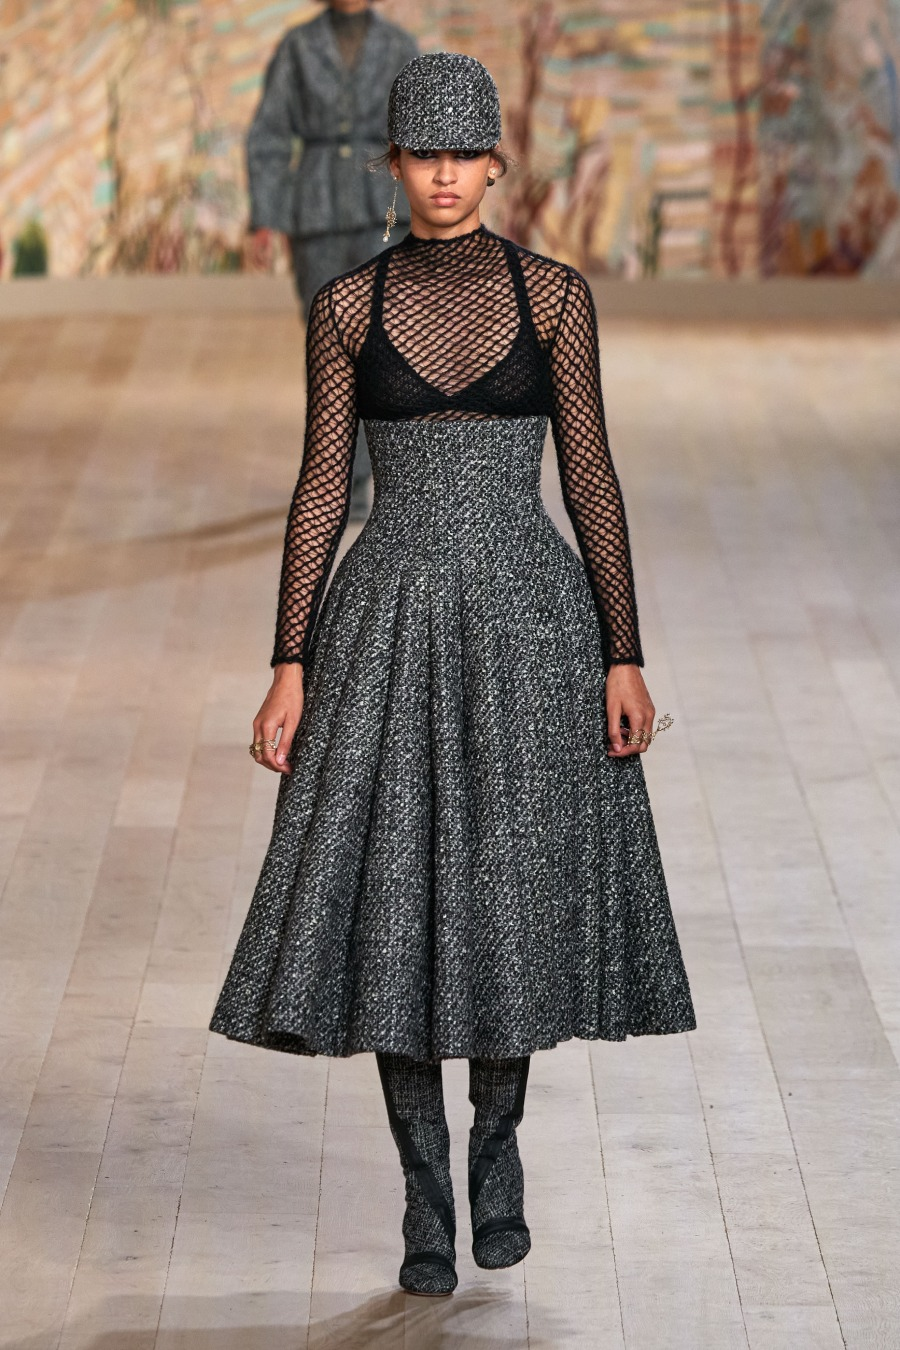 Элегантный твид и индийская вышивка в кутюрной коллекции Dior FW'21/22